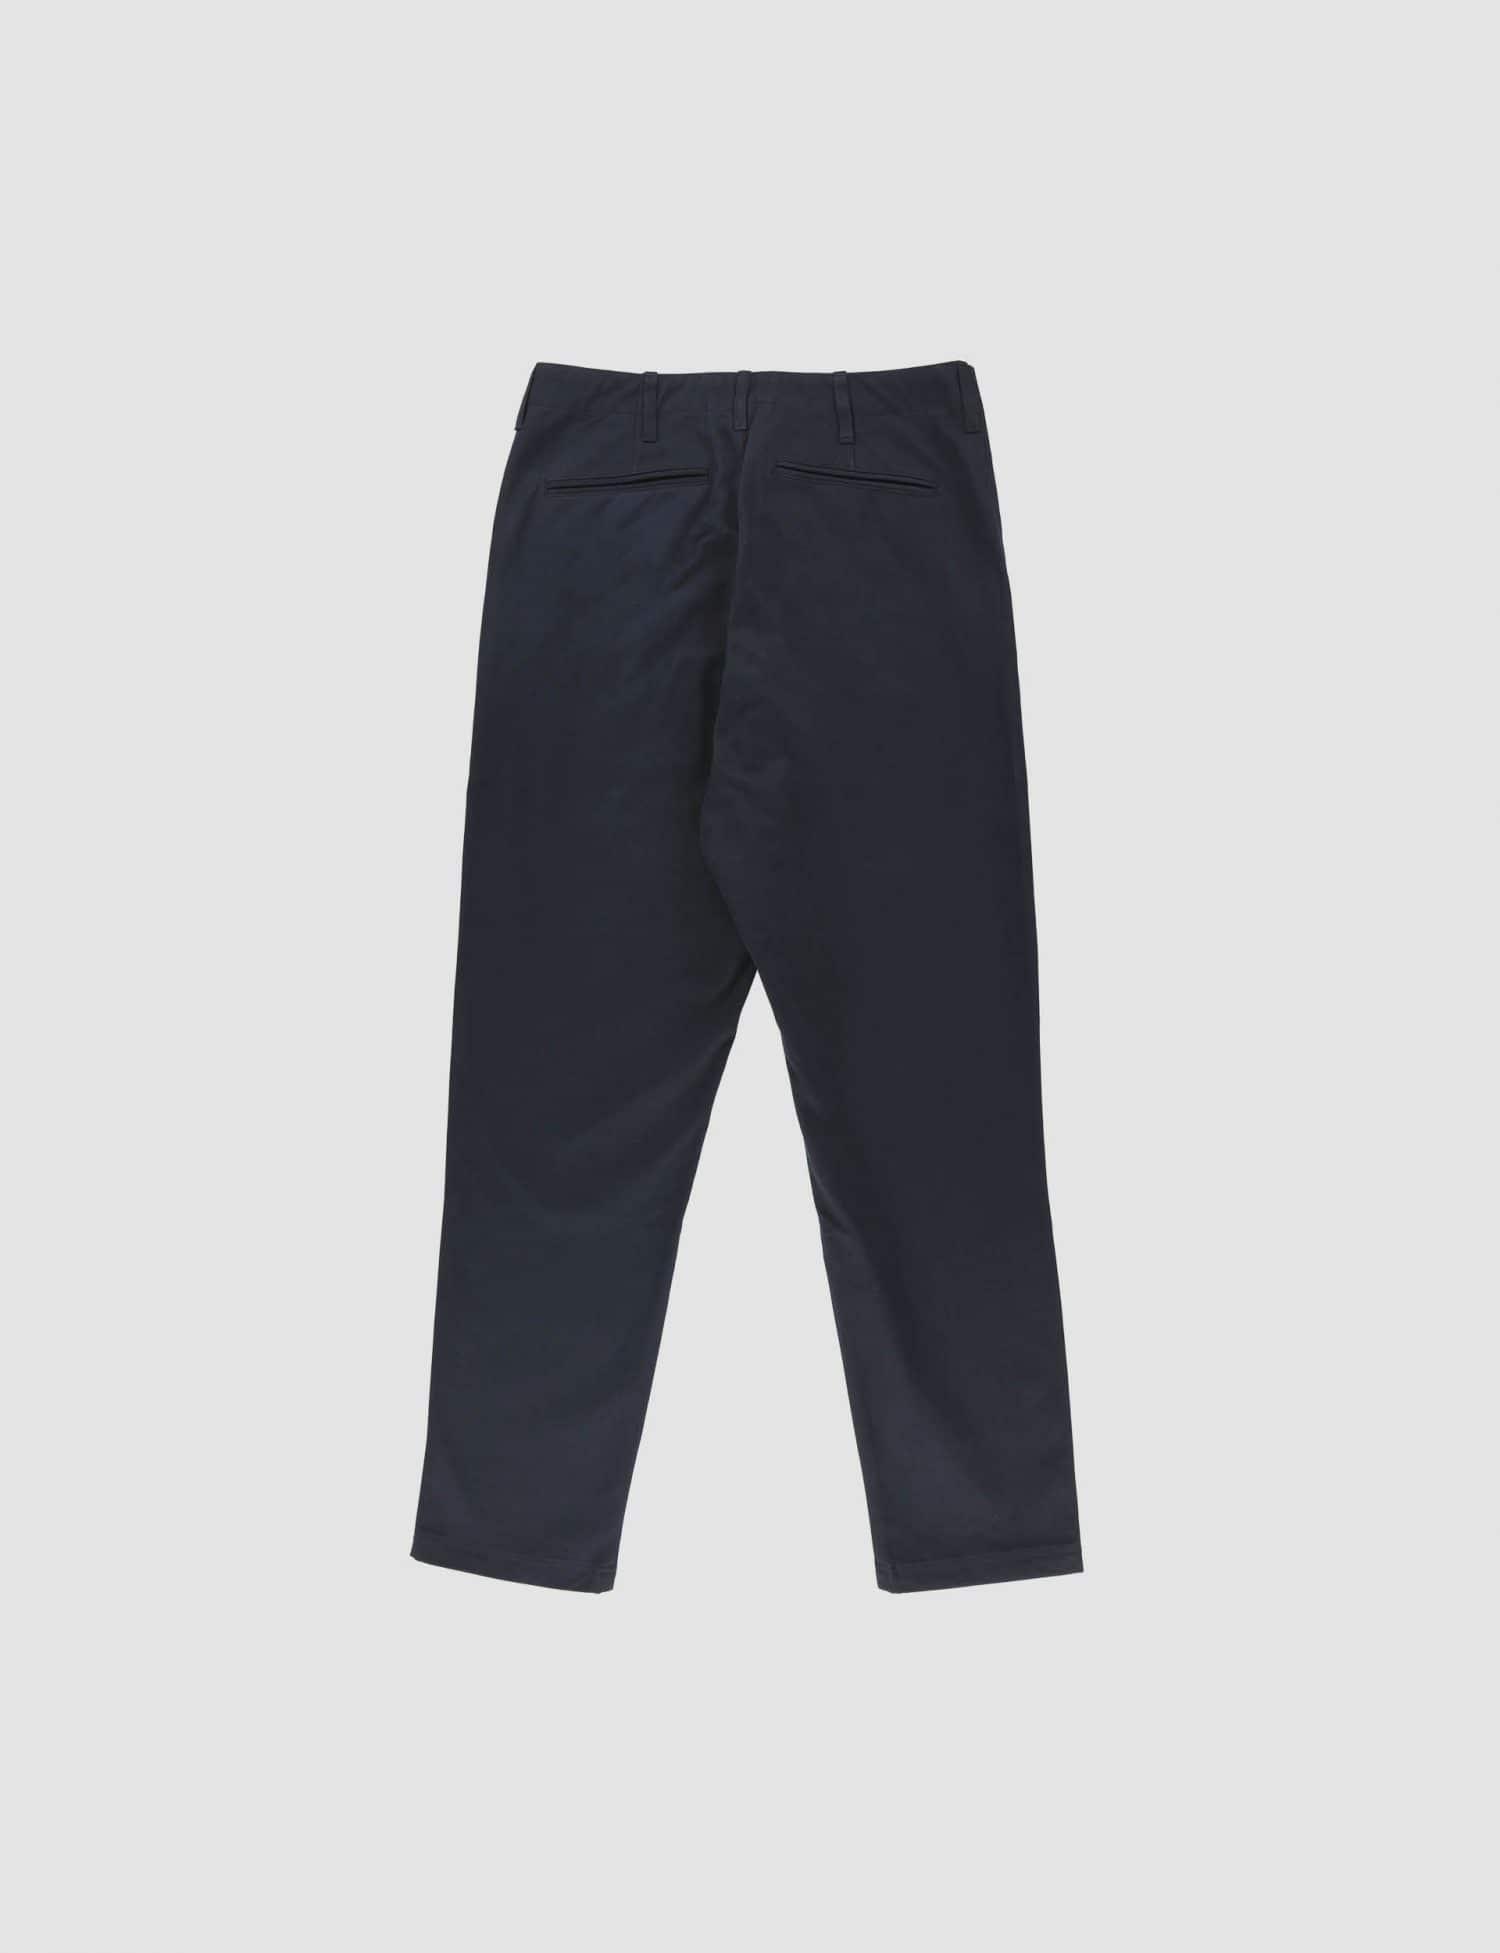 Hockney Reg - Navy Blue